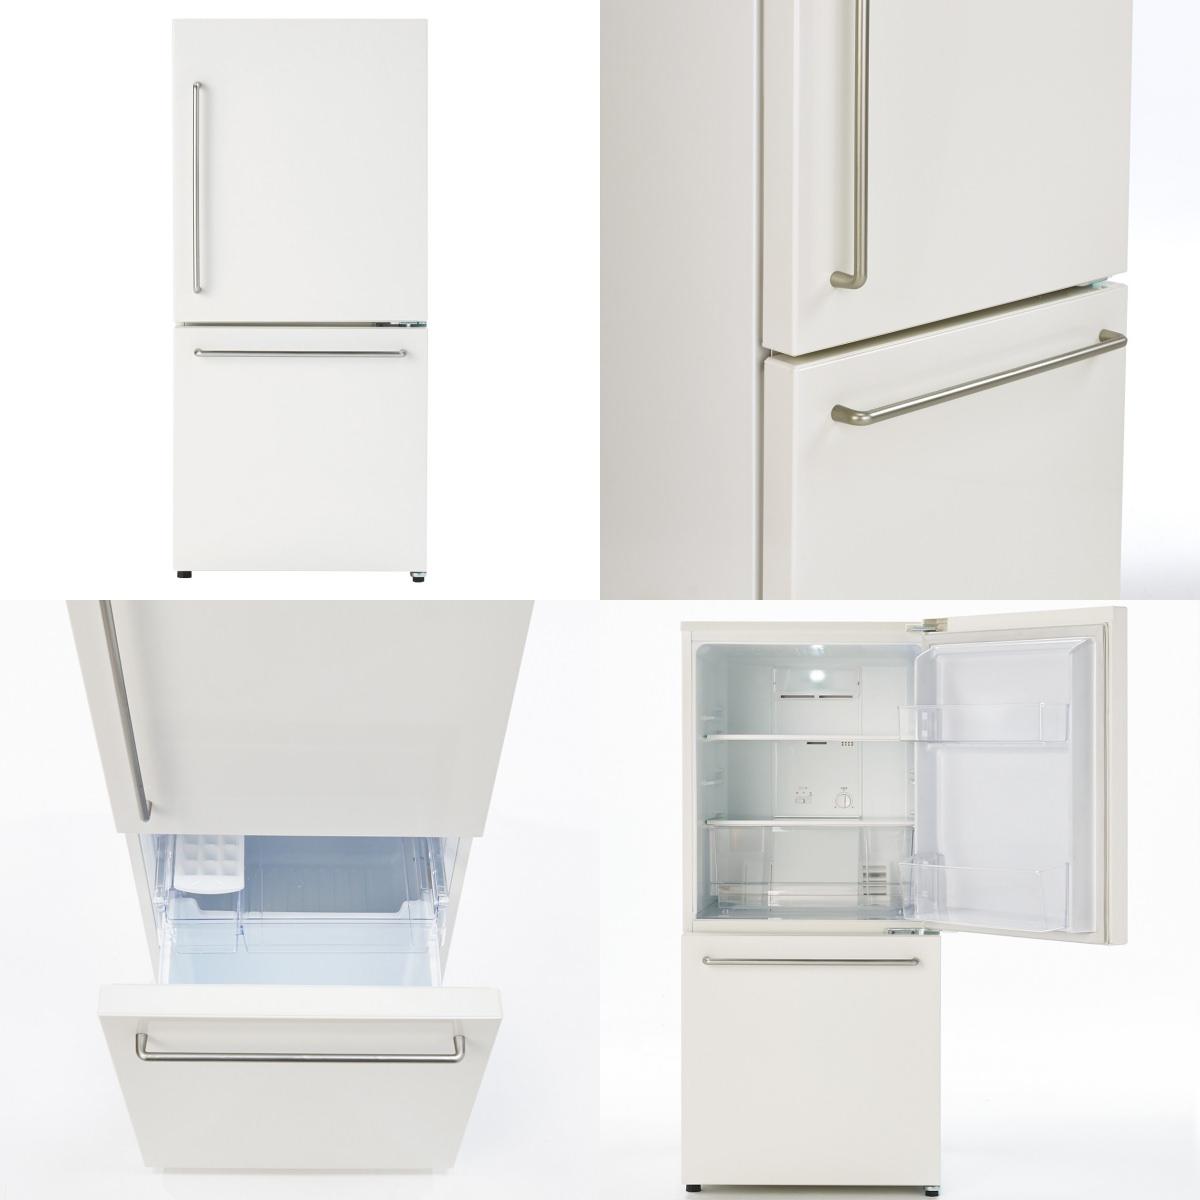 無印良品 電気冷蔵庫・157L(型番:MJ-R16A)